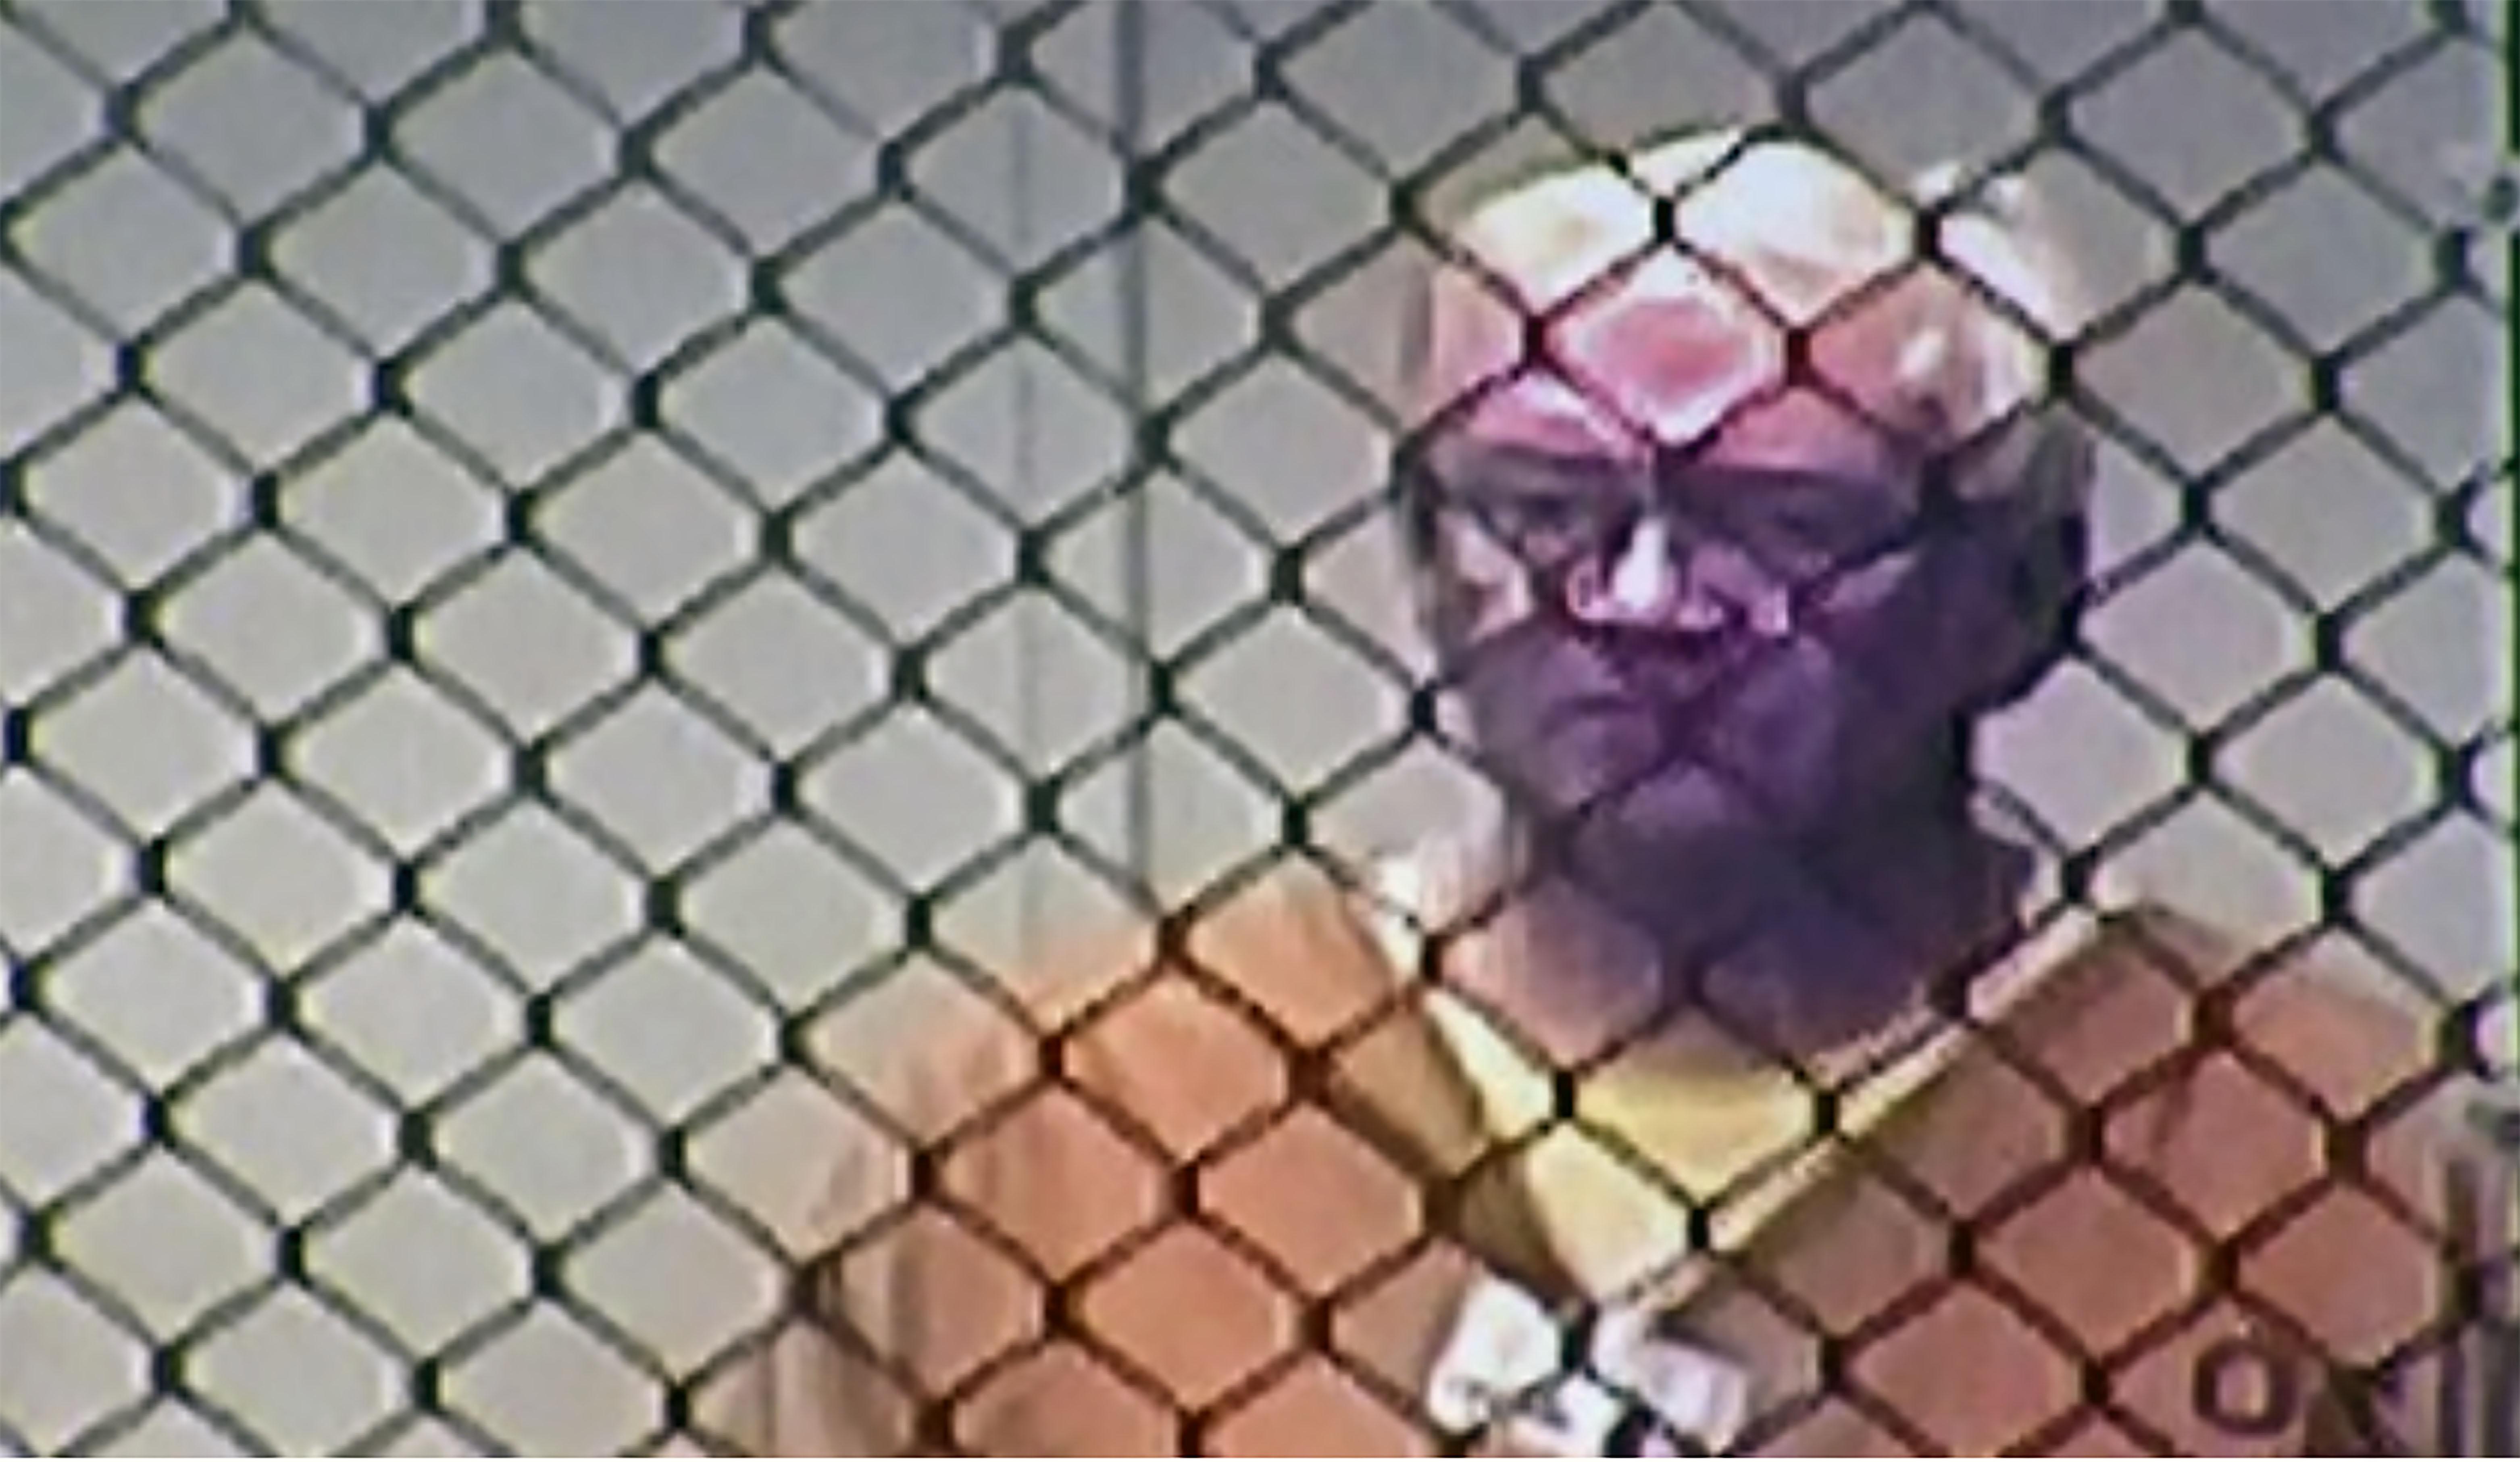 John Rodgers McFarland, de 67 años y ex pastor de la IMU de Fullerton, fue arrestado el 9 de mayo de 2019 y acusado de graves delitos por abuso sexual a siete niñas entre 5 y 15 años. Foto: captura de pantalla cortesîa de NBC Palm Spring.